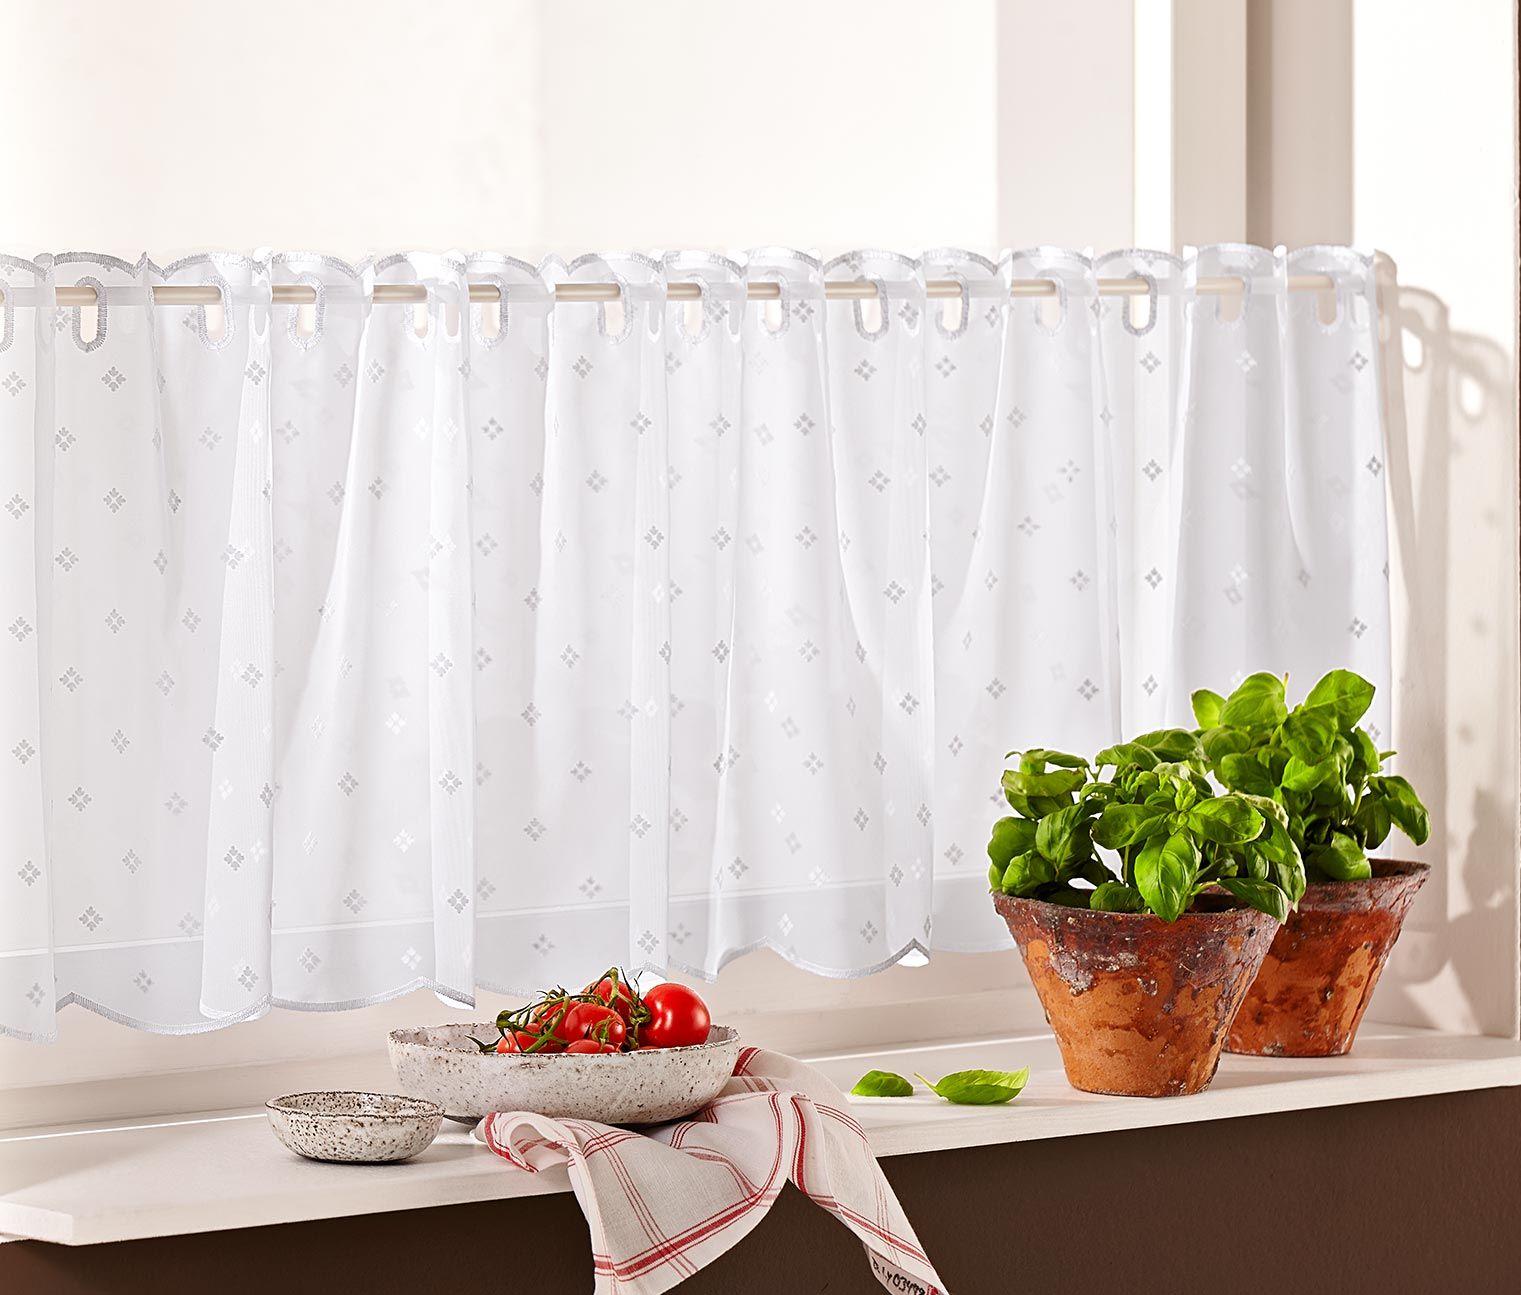 Full Size of Bistro Gardine Gardinen Scheibengardinen Küche Schlafzimmer Für Wohnzimmer Die Fenster Wohnzimmer Kurze Gardinen